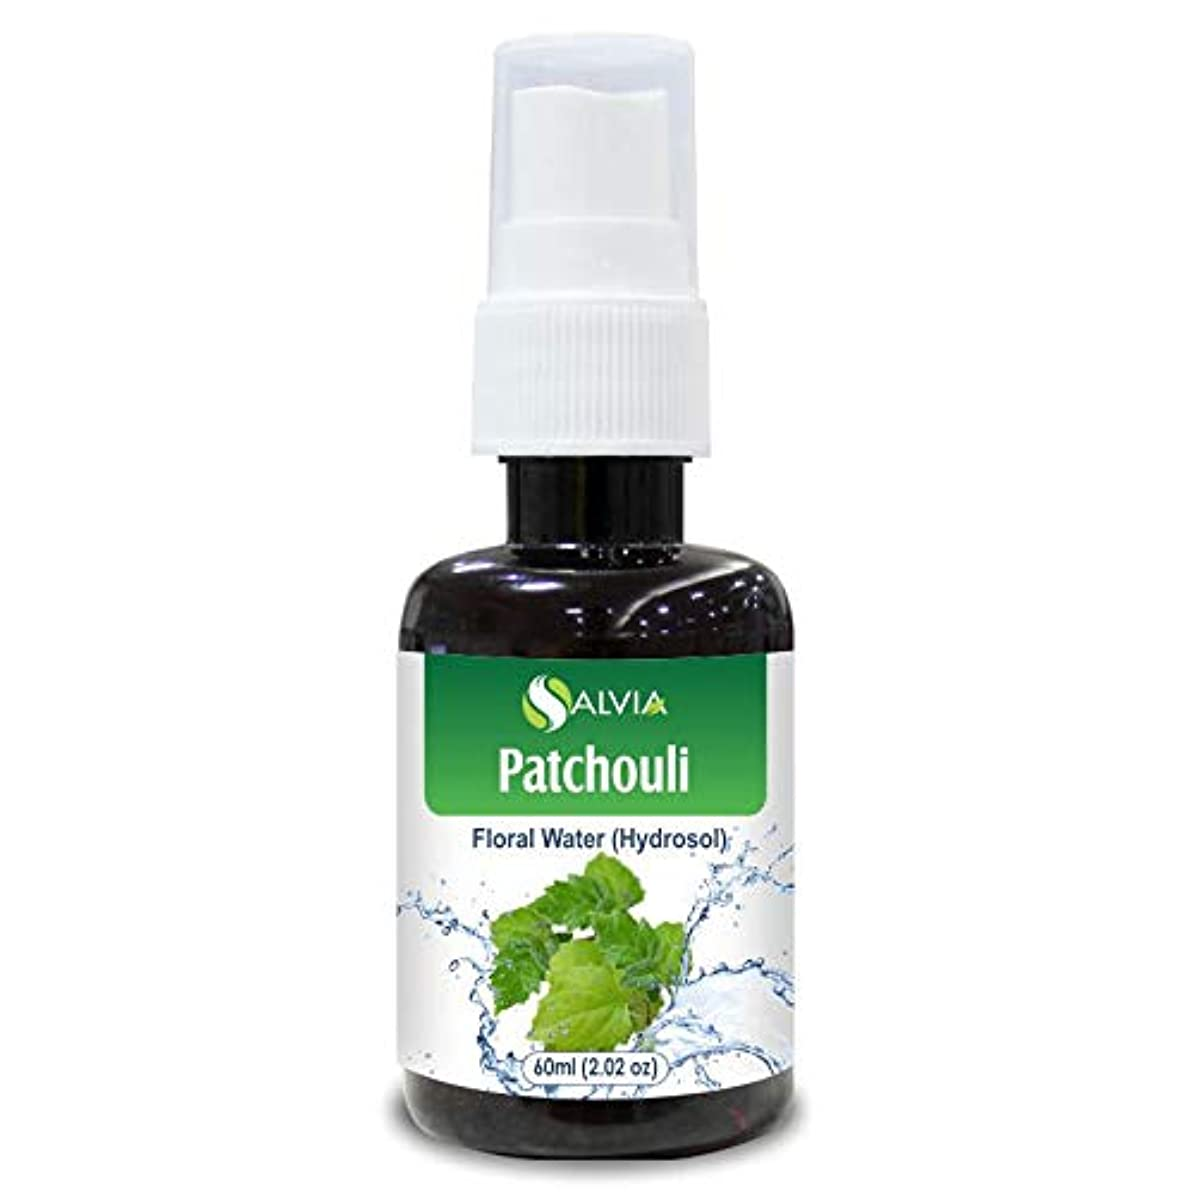 チャンピオン花弁守銭奴Patchouli Floral Water 60ml (Hydrosol) 100% Pure And Natural